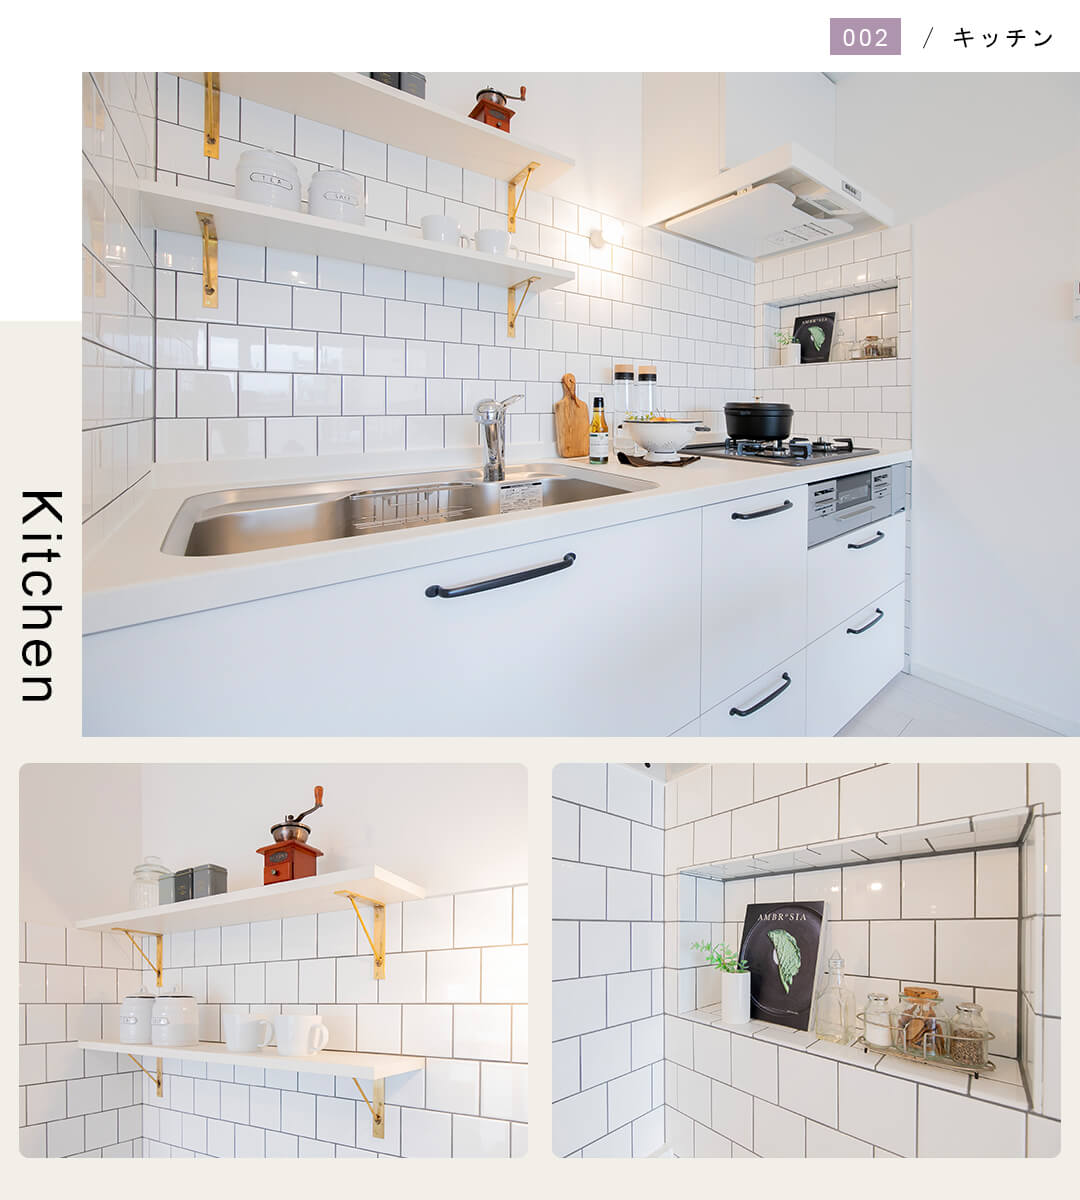 エントピア第一荻窪のキッチン